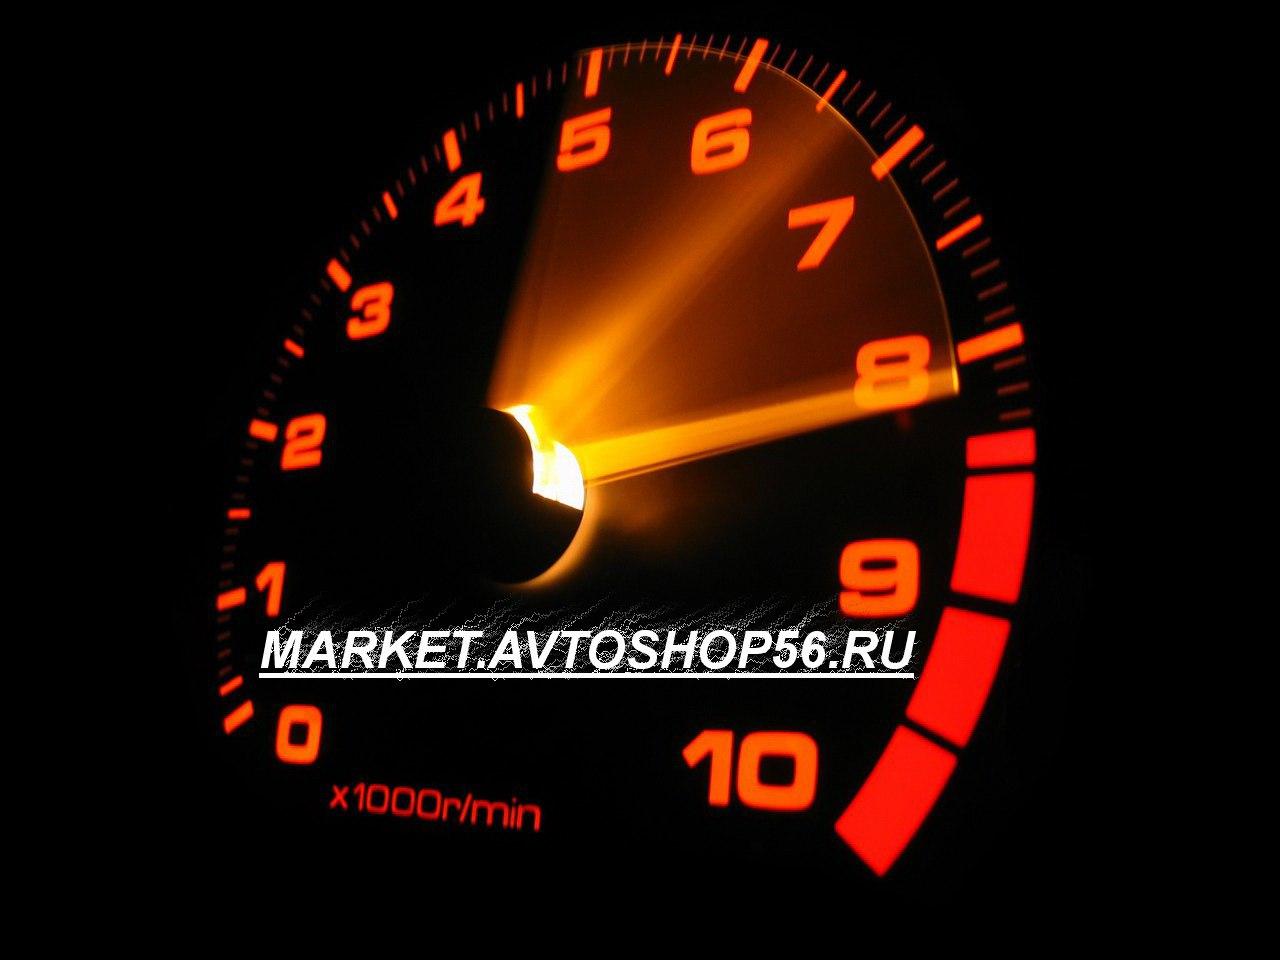 Интернет магазин автозапчастей в Оренбурге: низкие цены и бесплатная доставка до пункта выдачи товаров.